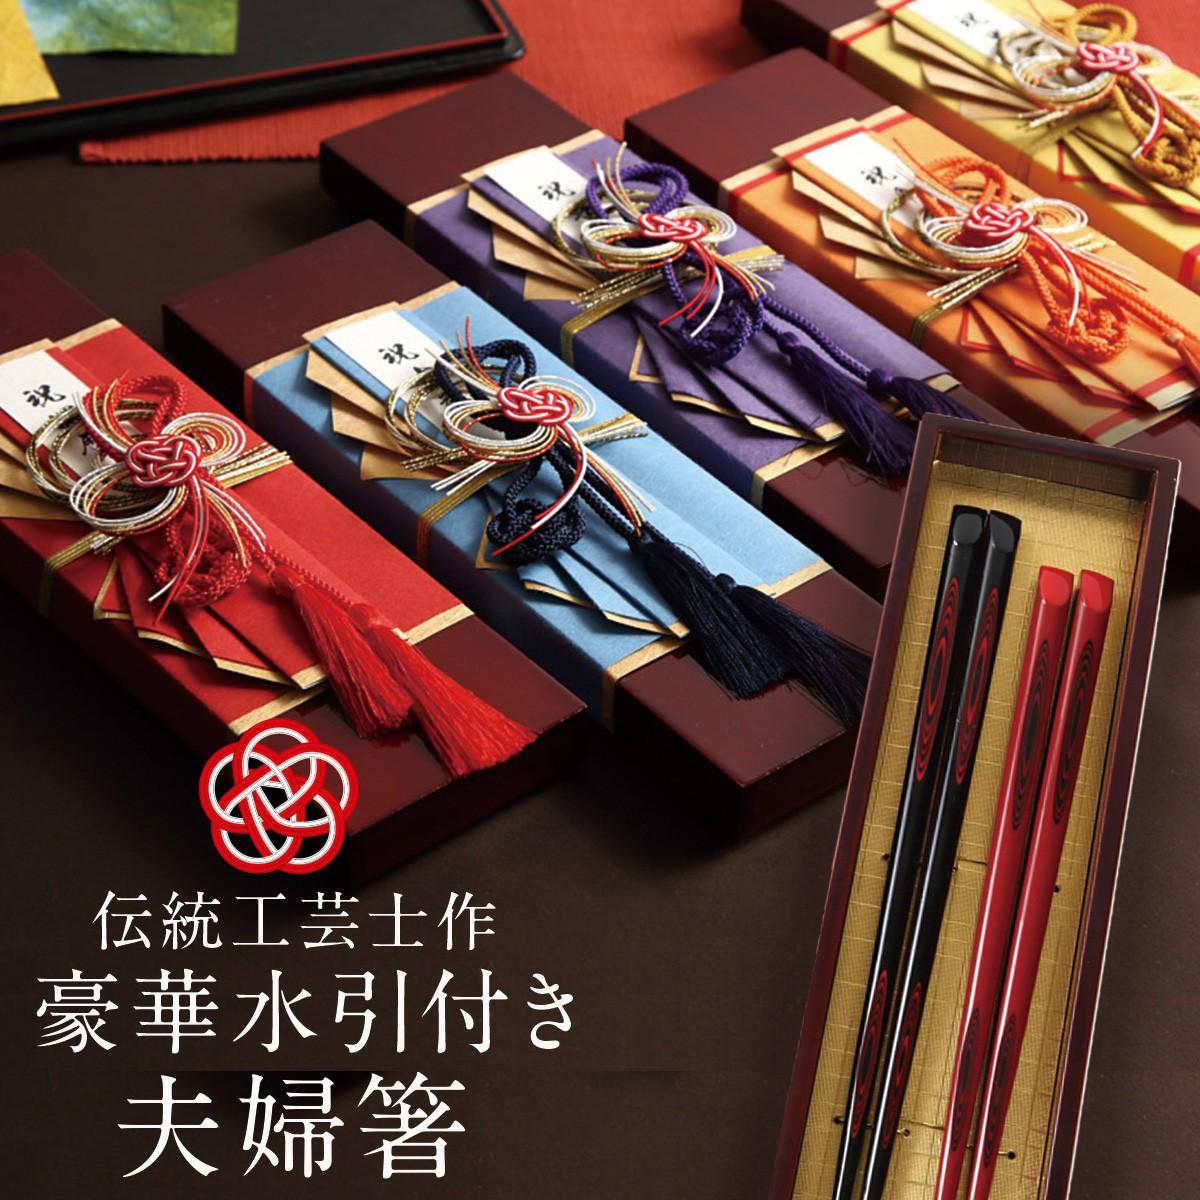 夫婦箸 日本製 若狭塗 ギフト 長寿祝い 結婚祝い 内祝 末広がり 夫婦箸